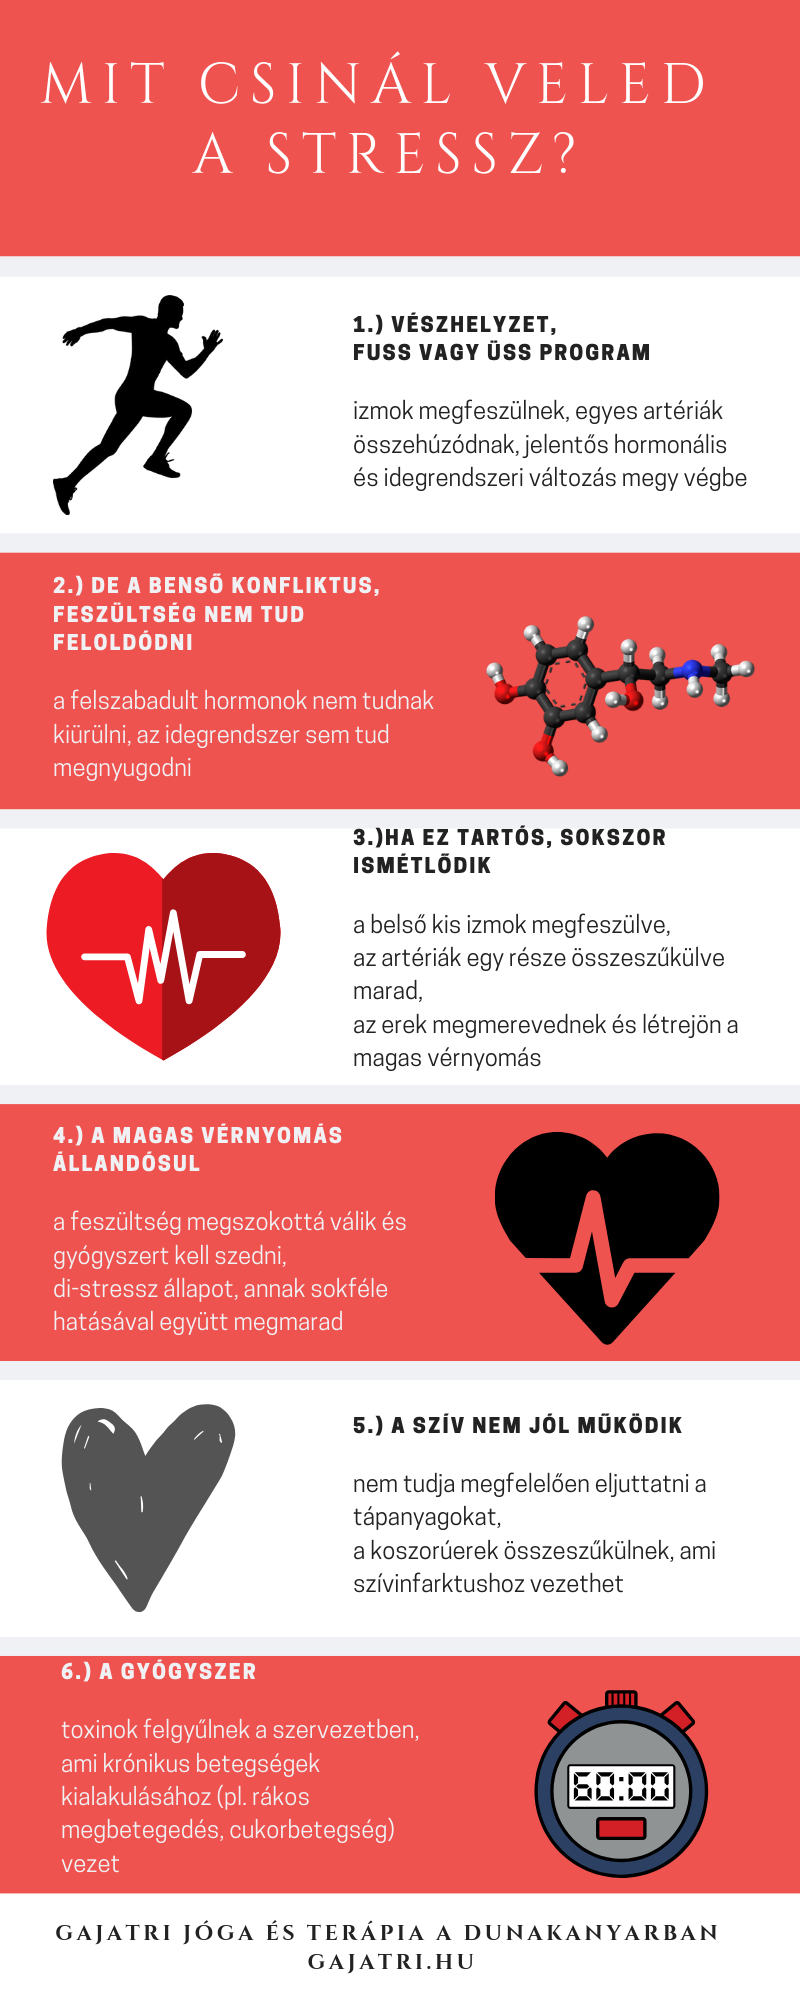 magas vérnyomás, amikor nem tud gyógyszert szedni a magas vérnyomás öröklődhet